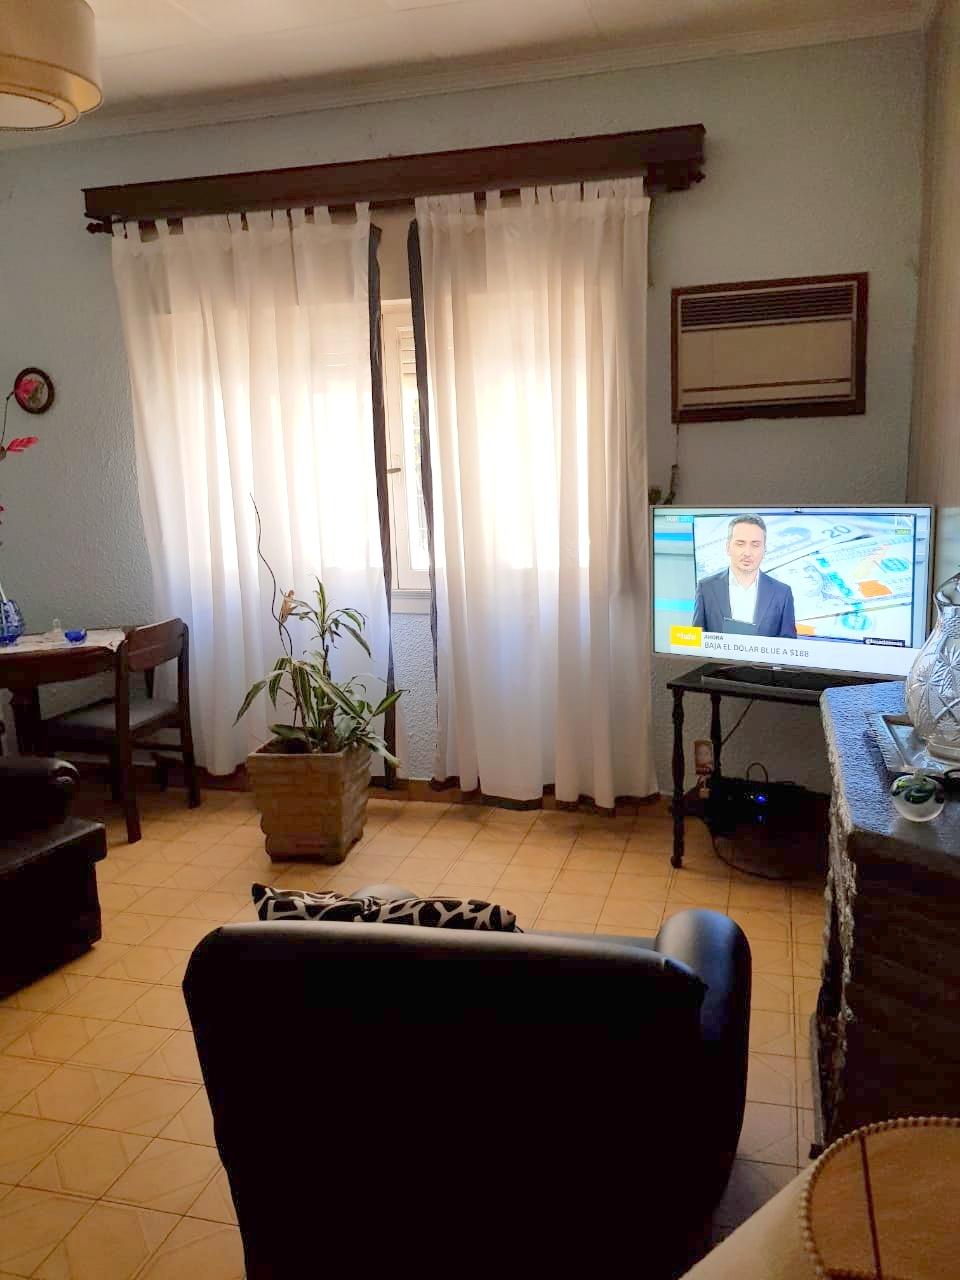 Casa en lote propio, zona R2 -Caseros 500